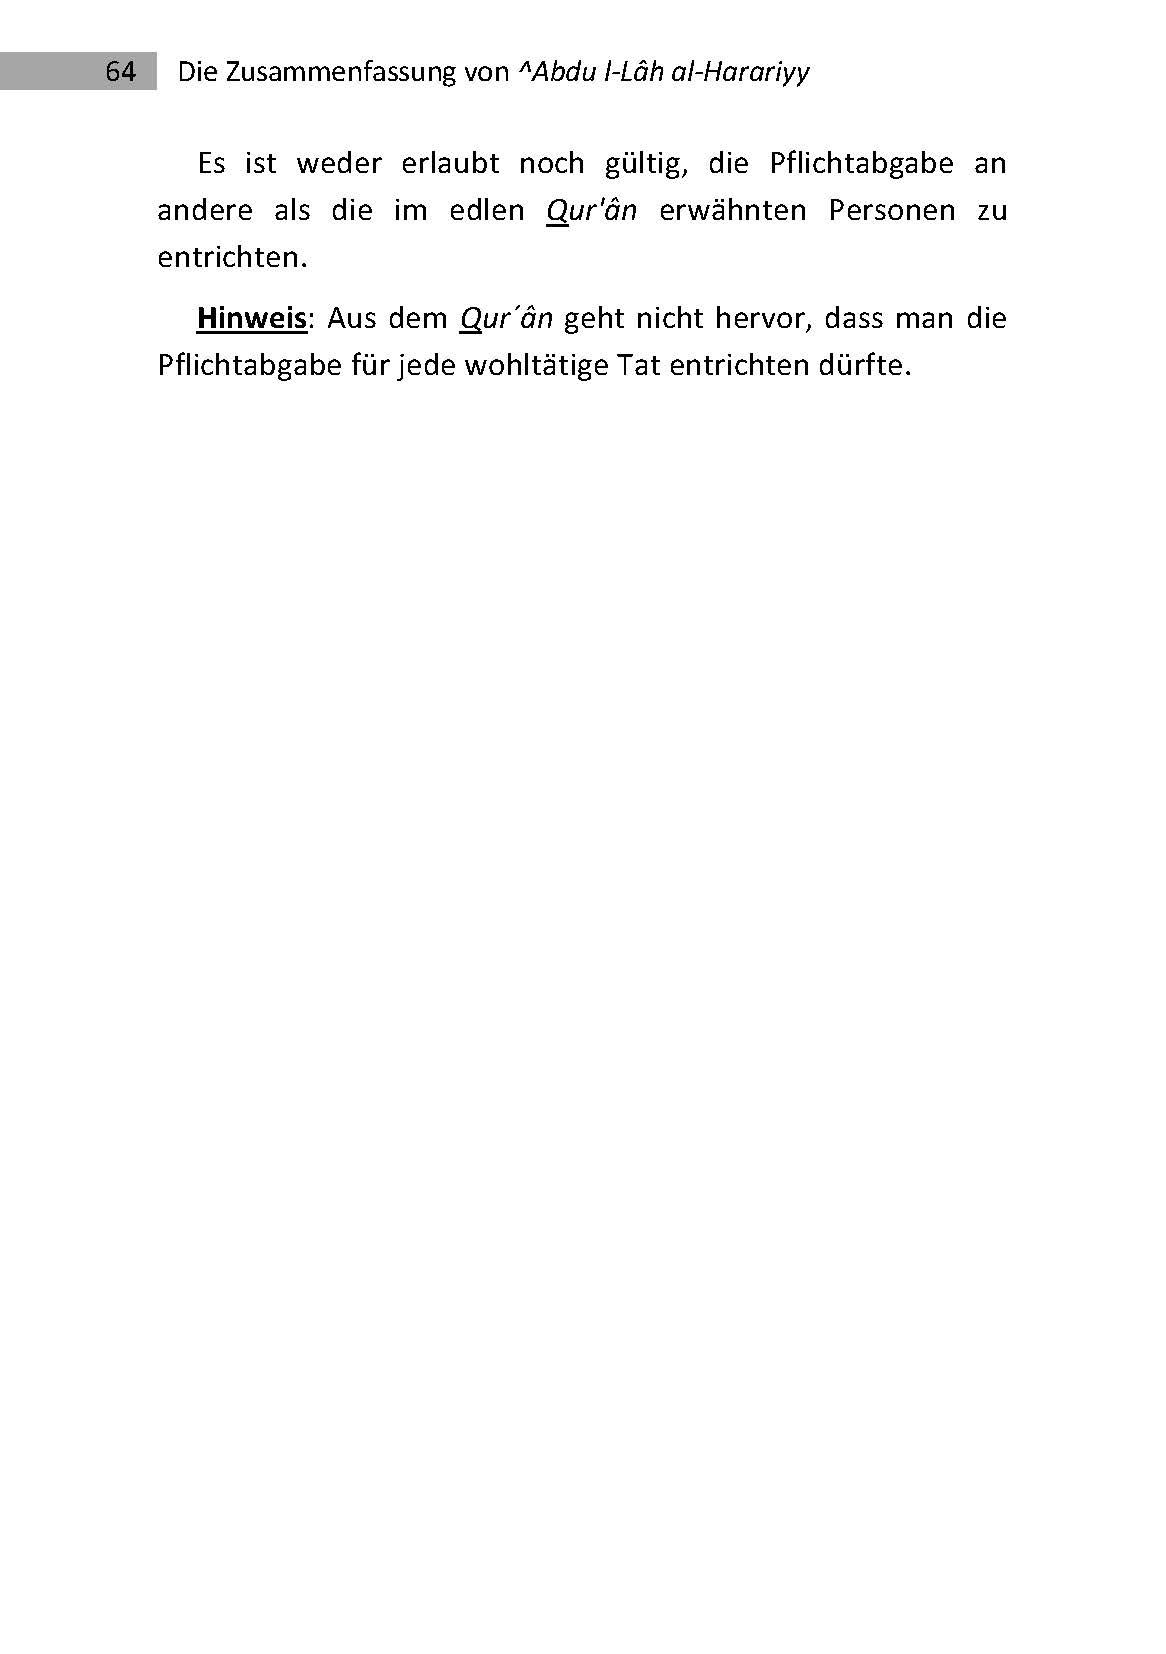 Die Zusammenfassung - 3. Auflage 2014_Seite_64